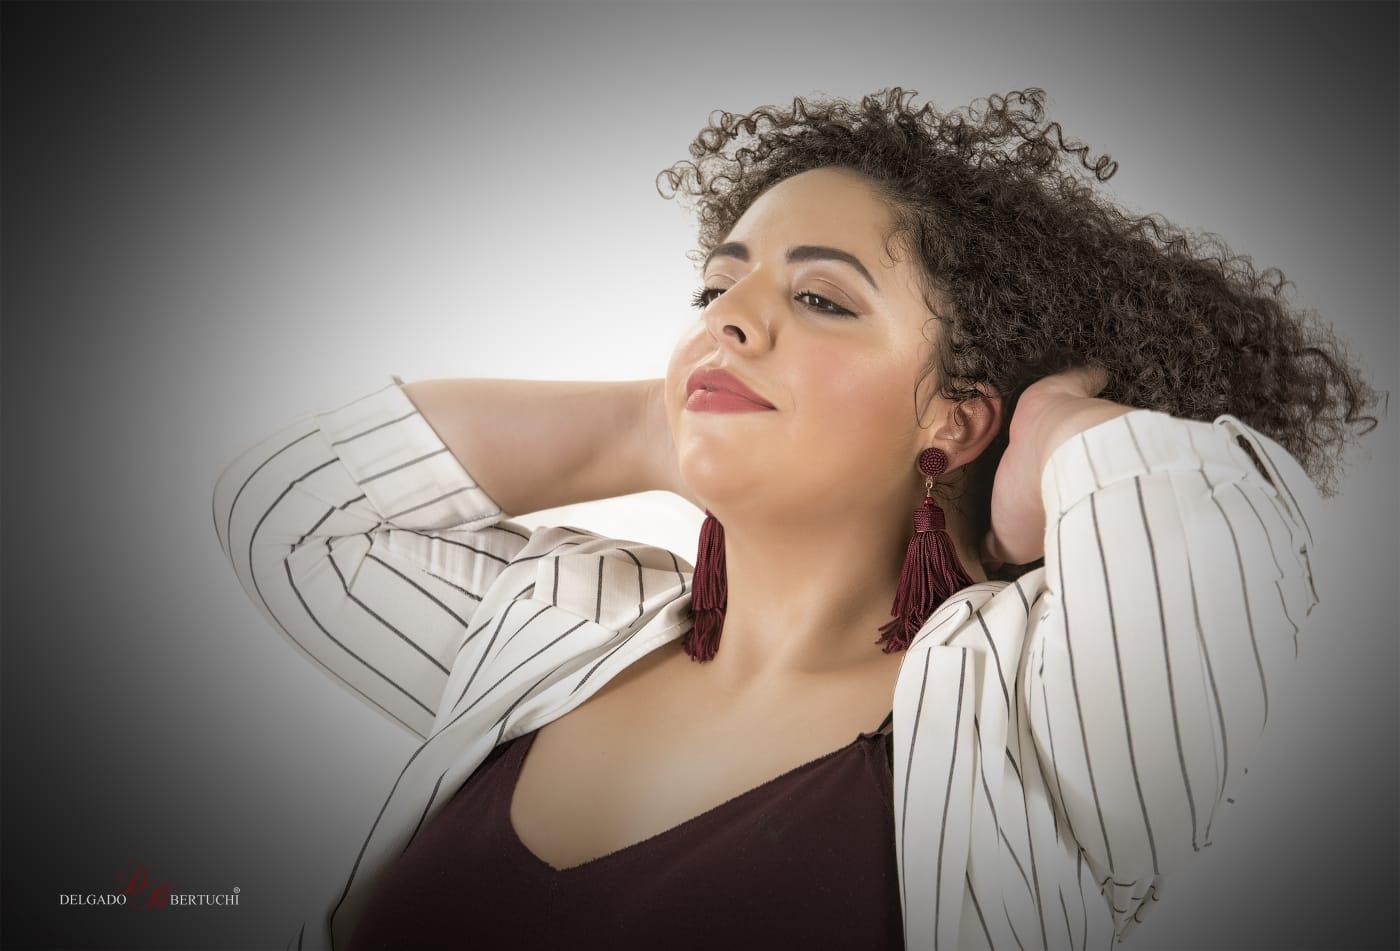 La Representante De Ceuta Reconocida En El Miss Espana De Tallas Grandes